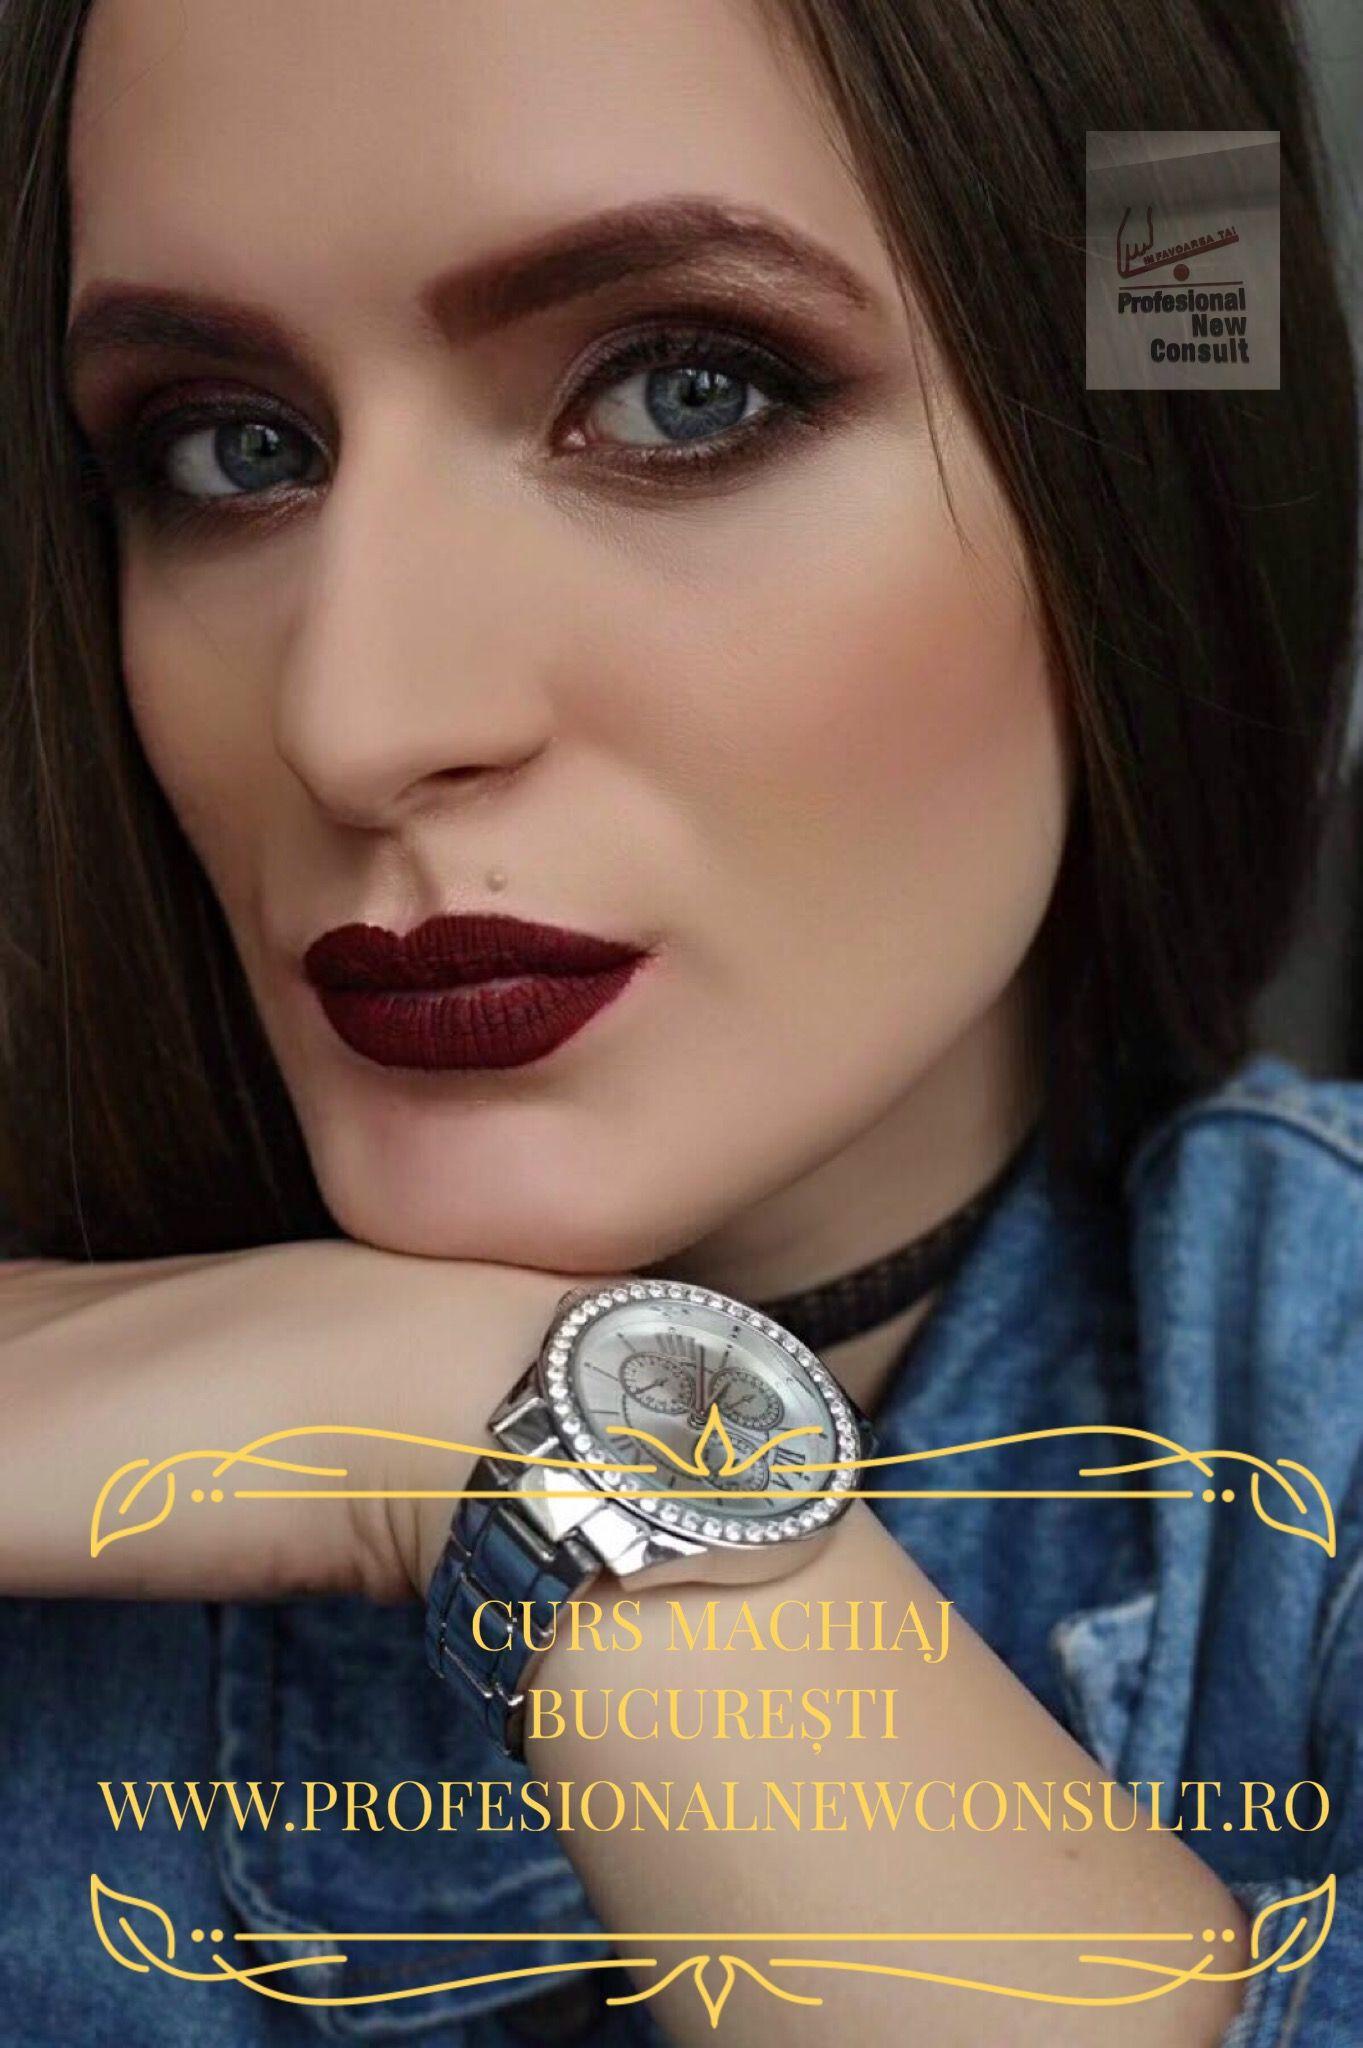 Curs Makeup București Lucrările Cursanților Pentru